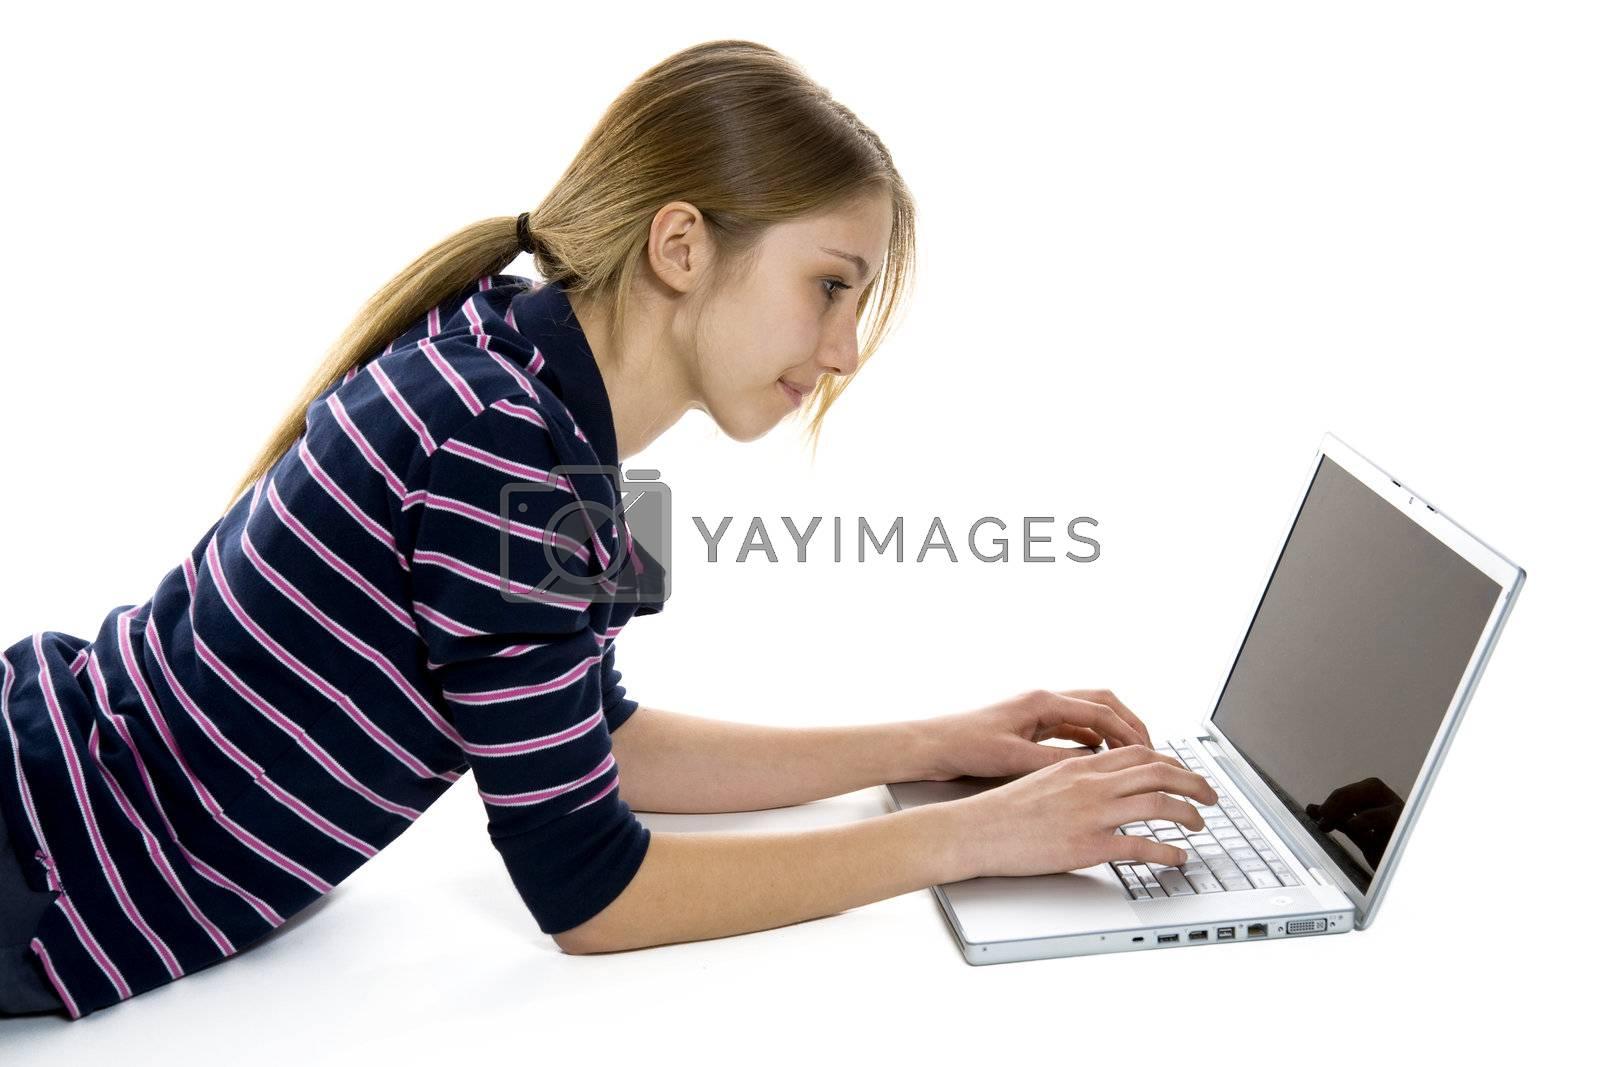 Woman using a modern laptop computer.